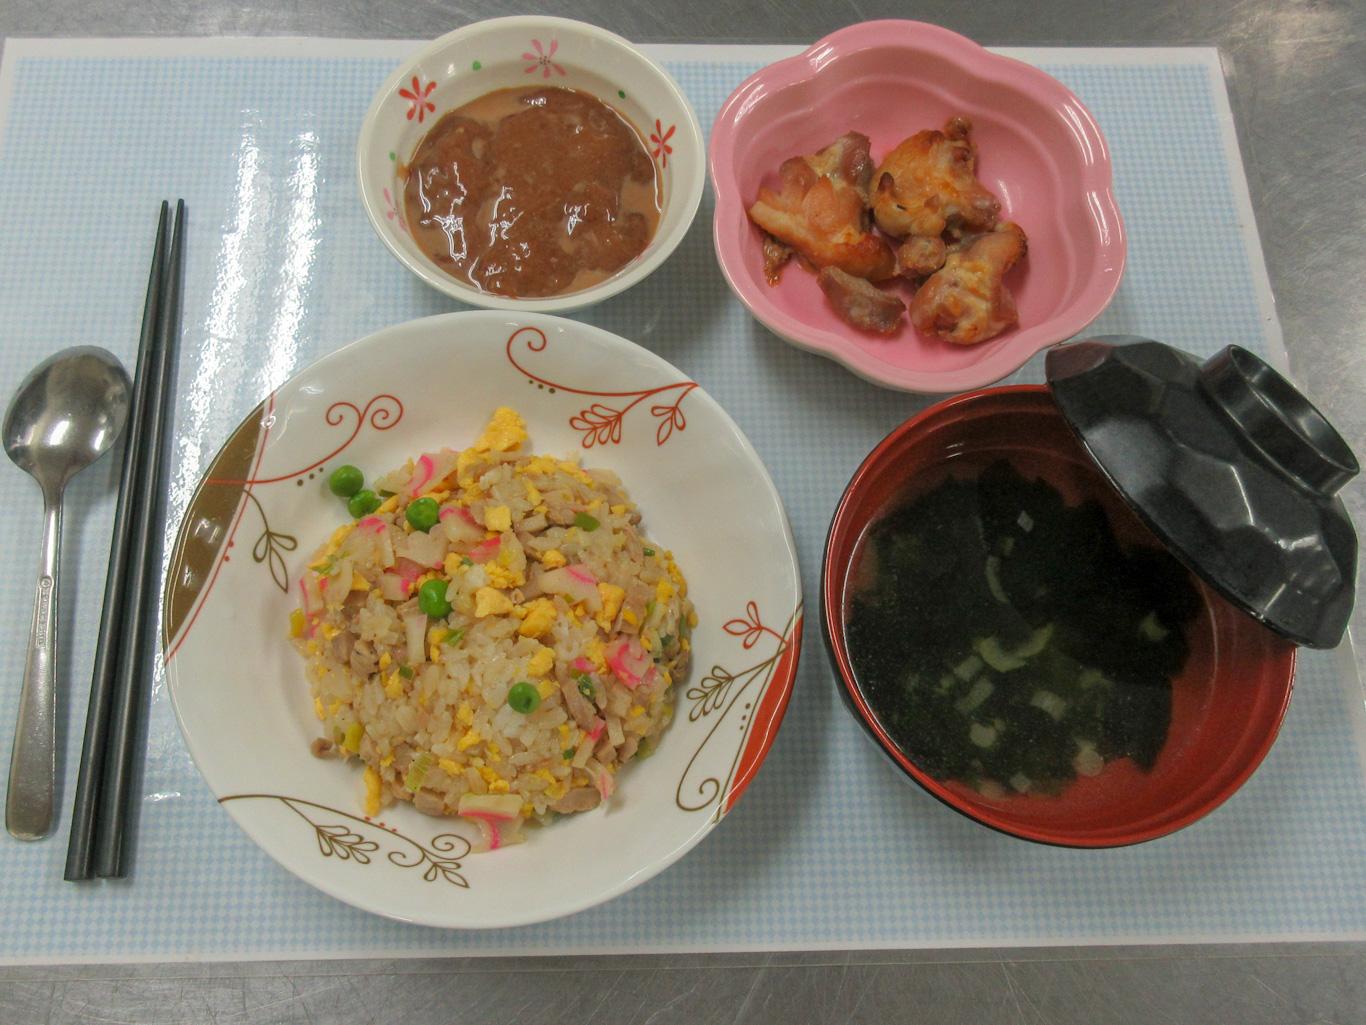 川西湖山病院 栄養科「12月の調理師メニュー」